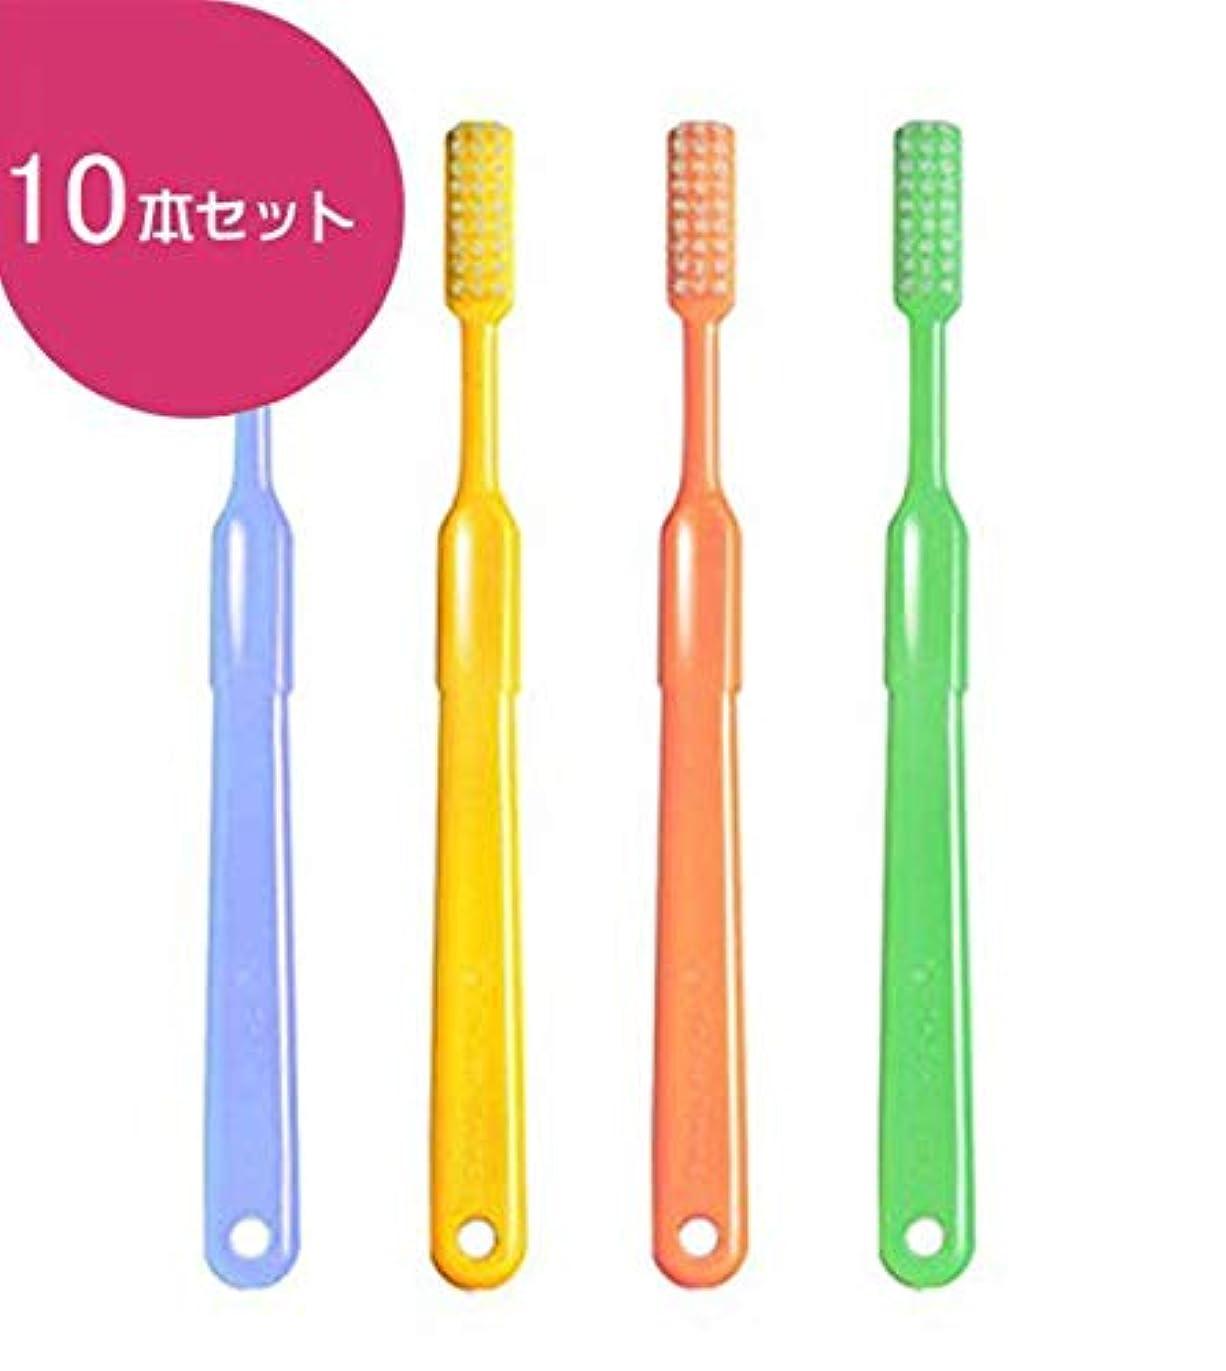 ビーブランド ドクター ビーヤング 歯ブラシ 10本 (ヤングハード)